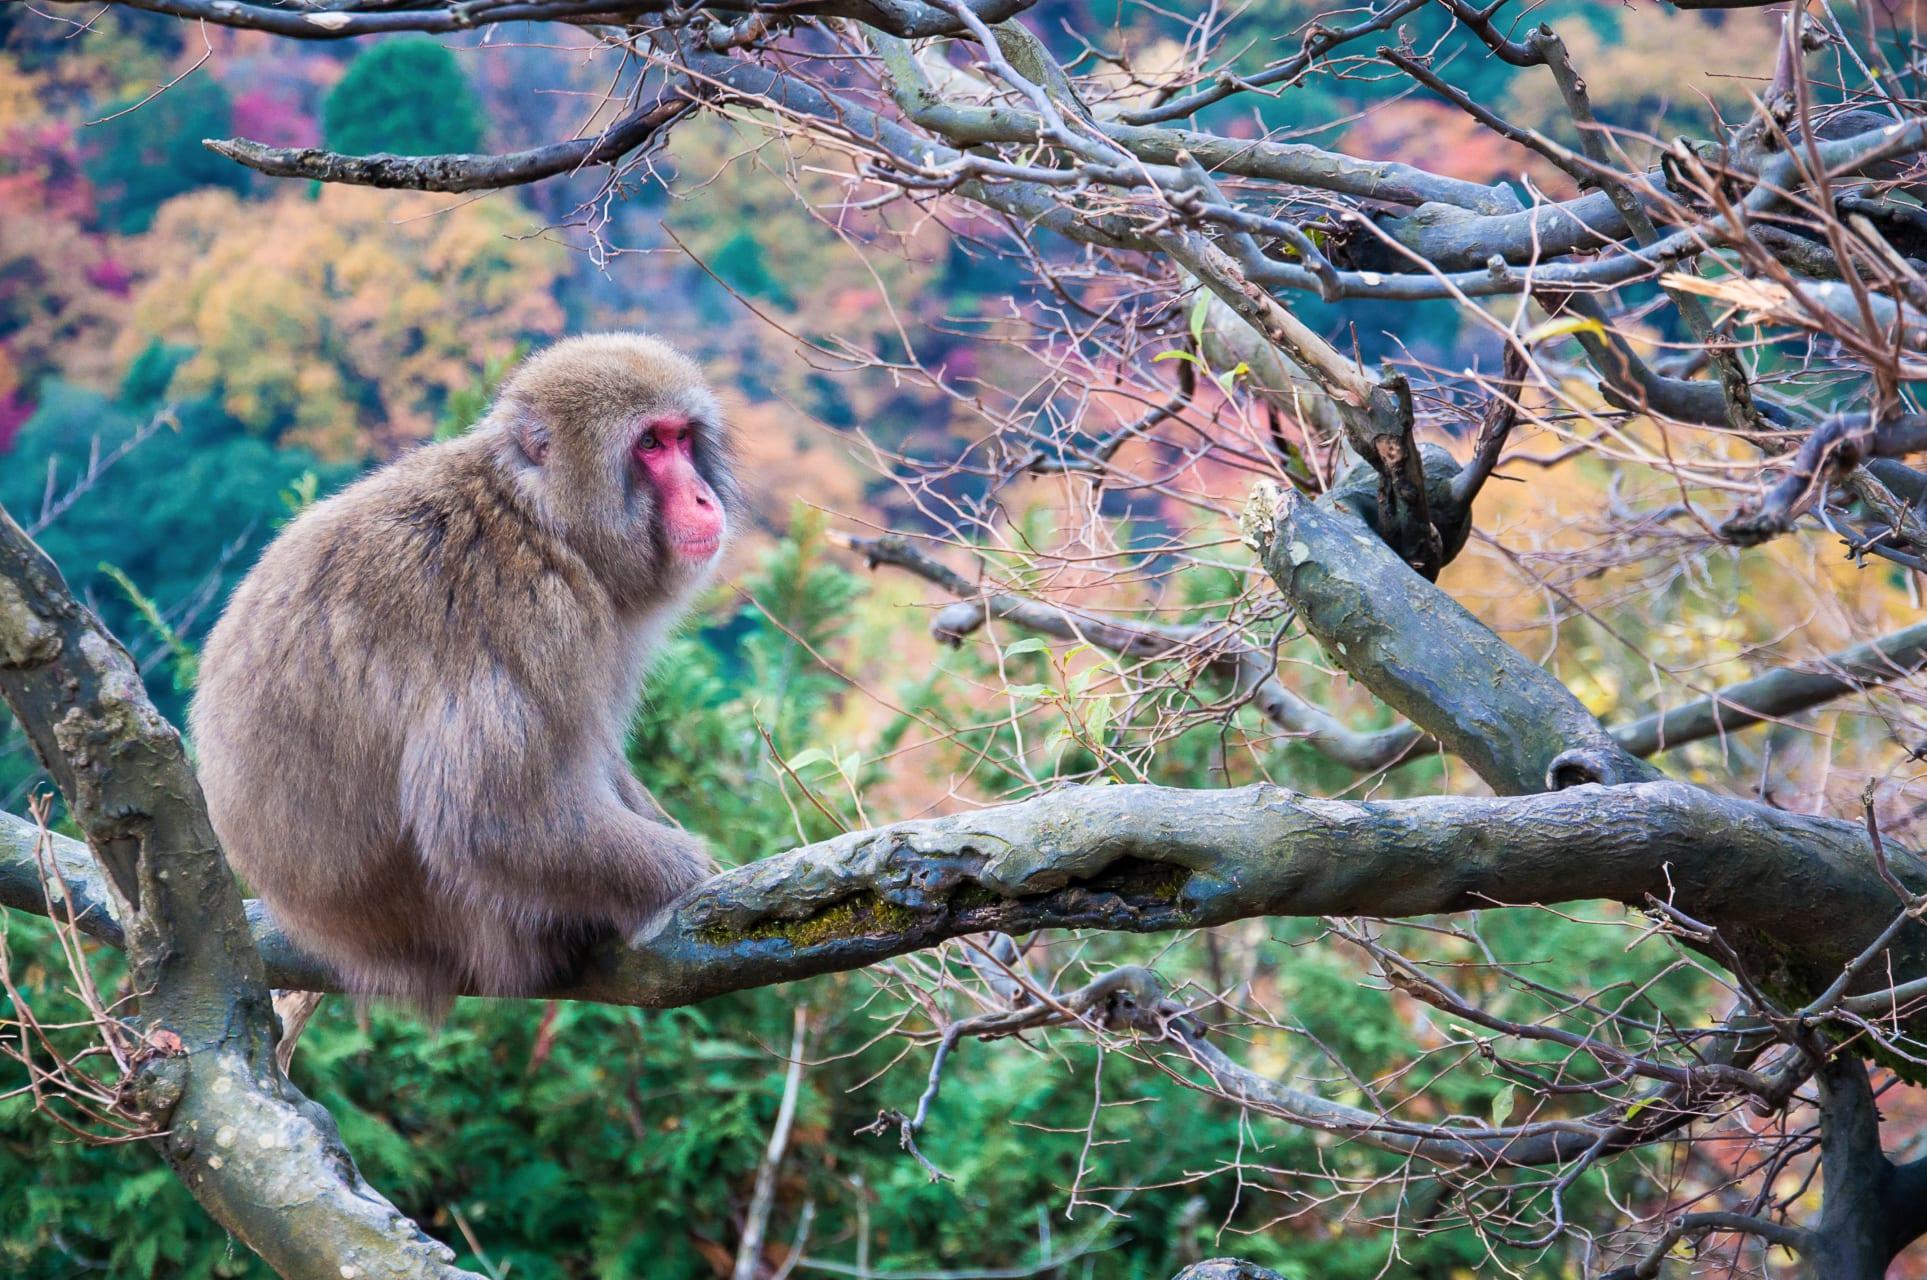 Kyoto - Let`s see and  feed Japanese monkeys at Arashiyama monkey park